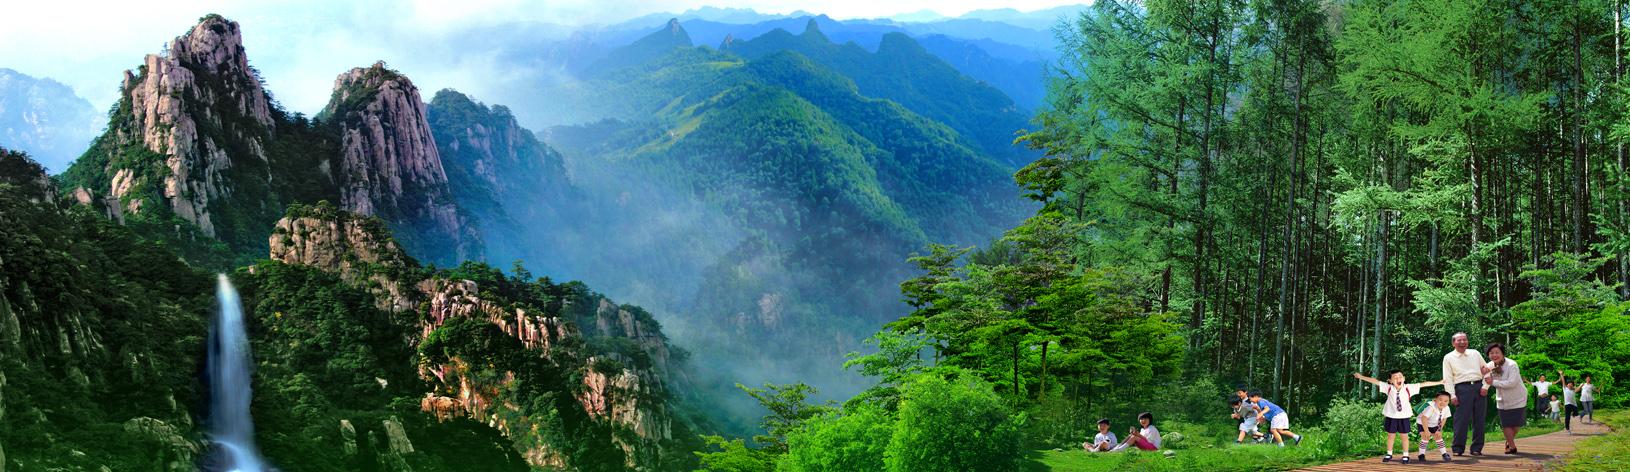 河北省的后花园:燕赵独秀五岳寨